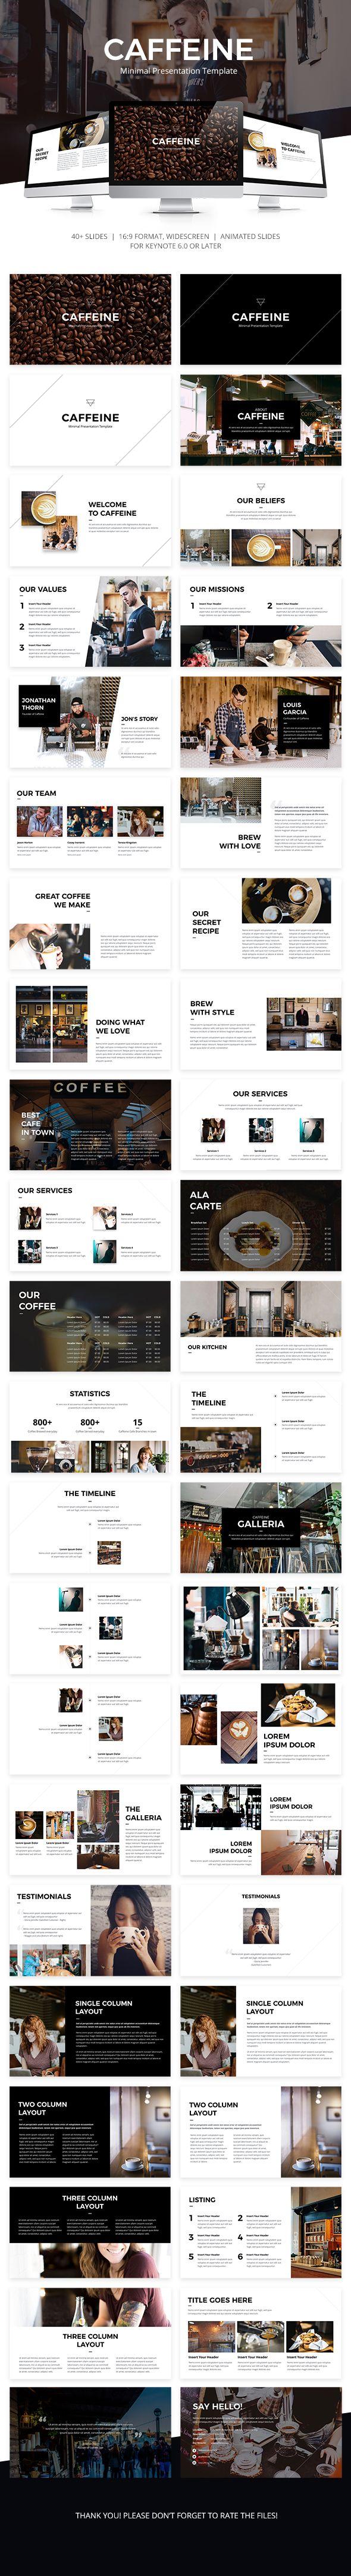 39 best pdf images on Pinterest   Design patterns, Design templates ...